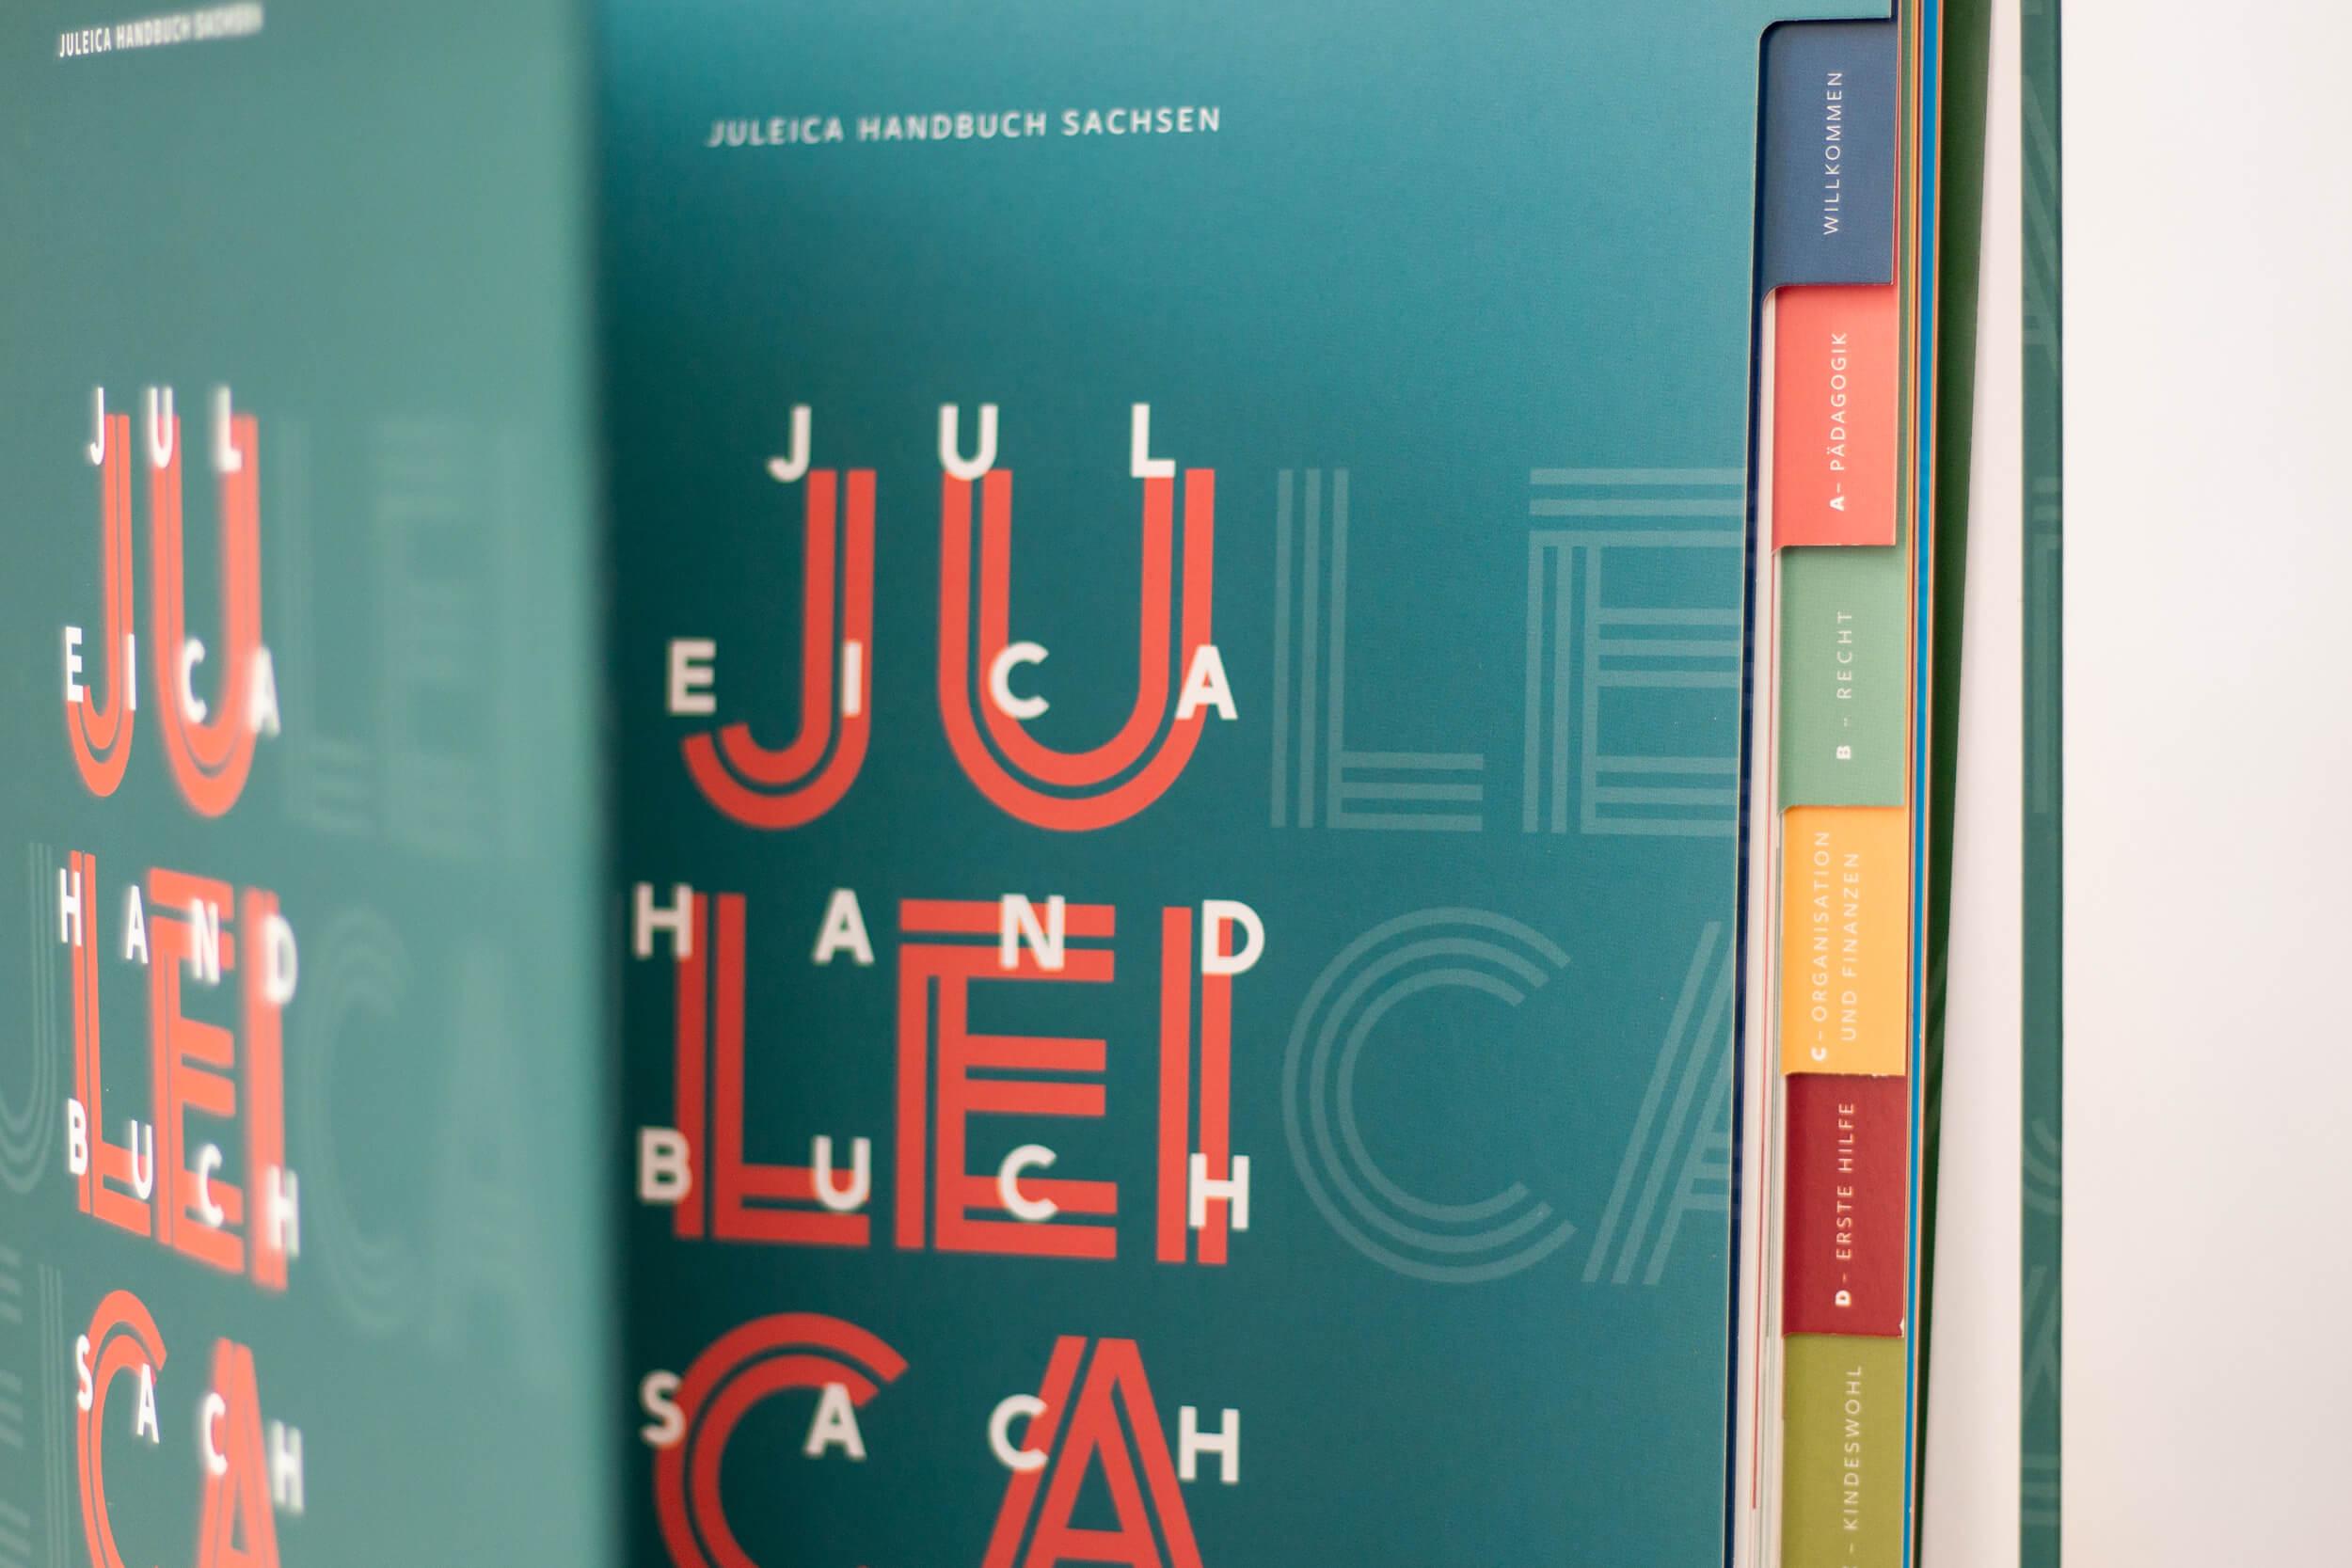 juleica-2